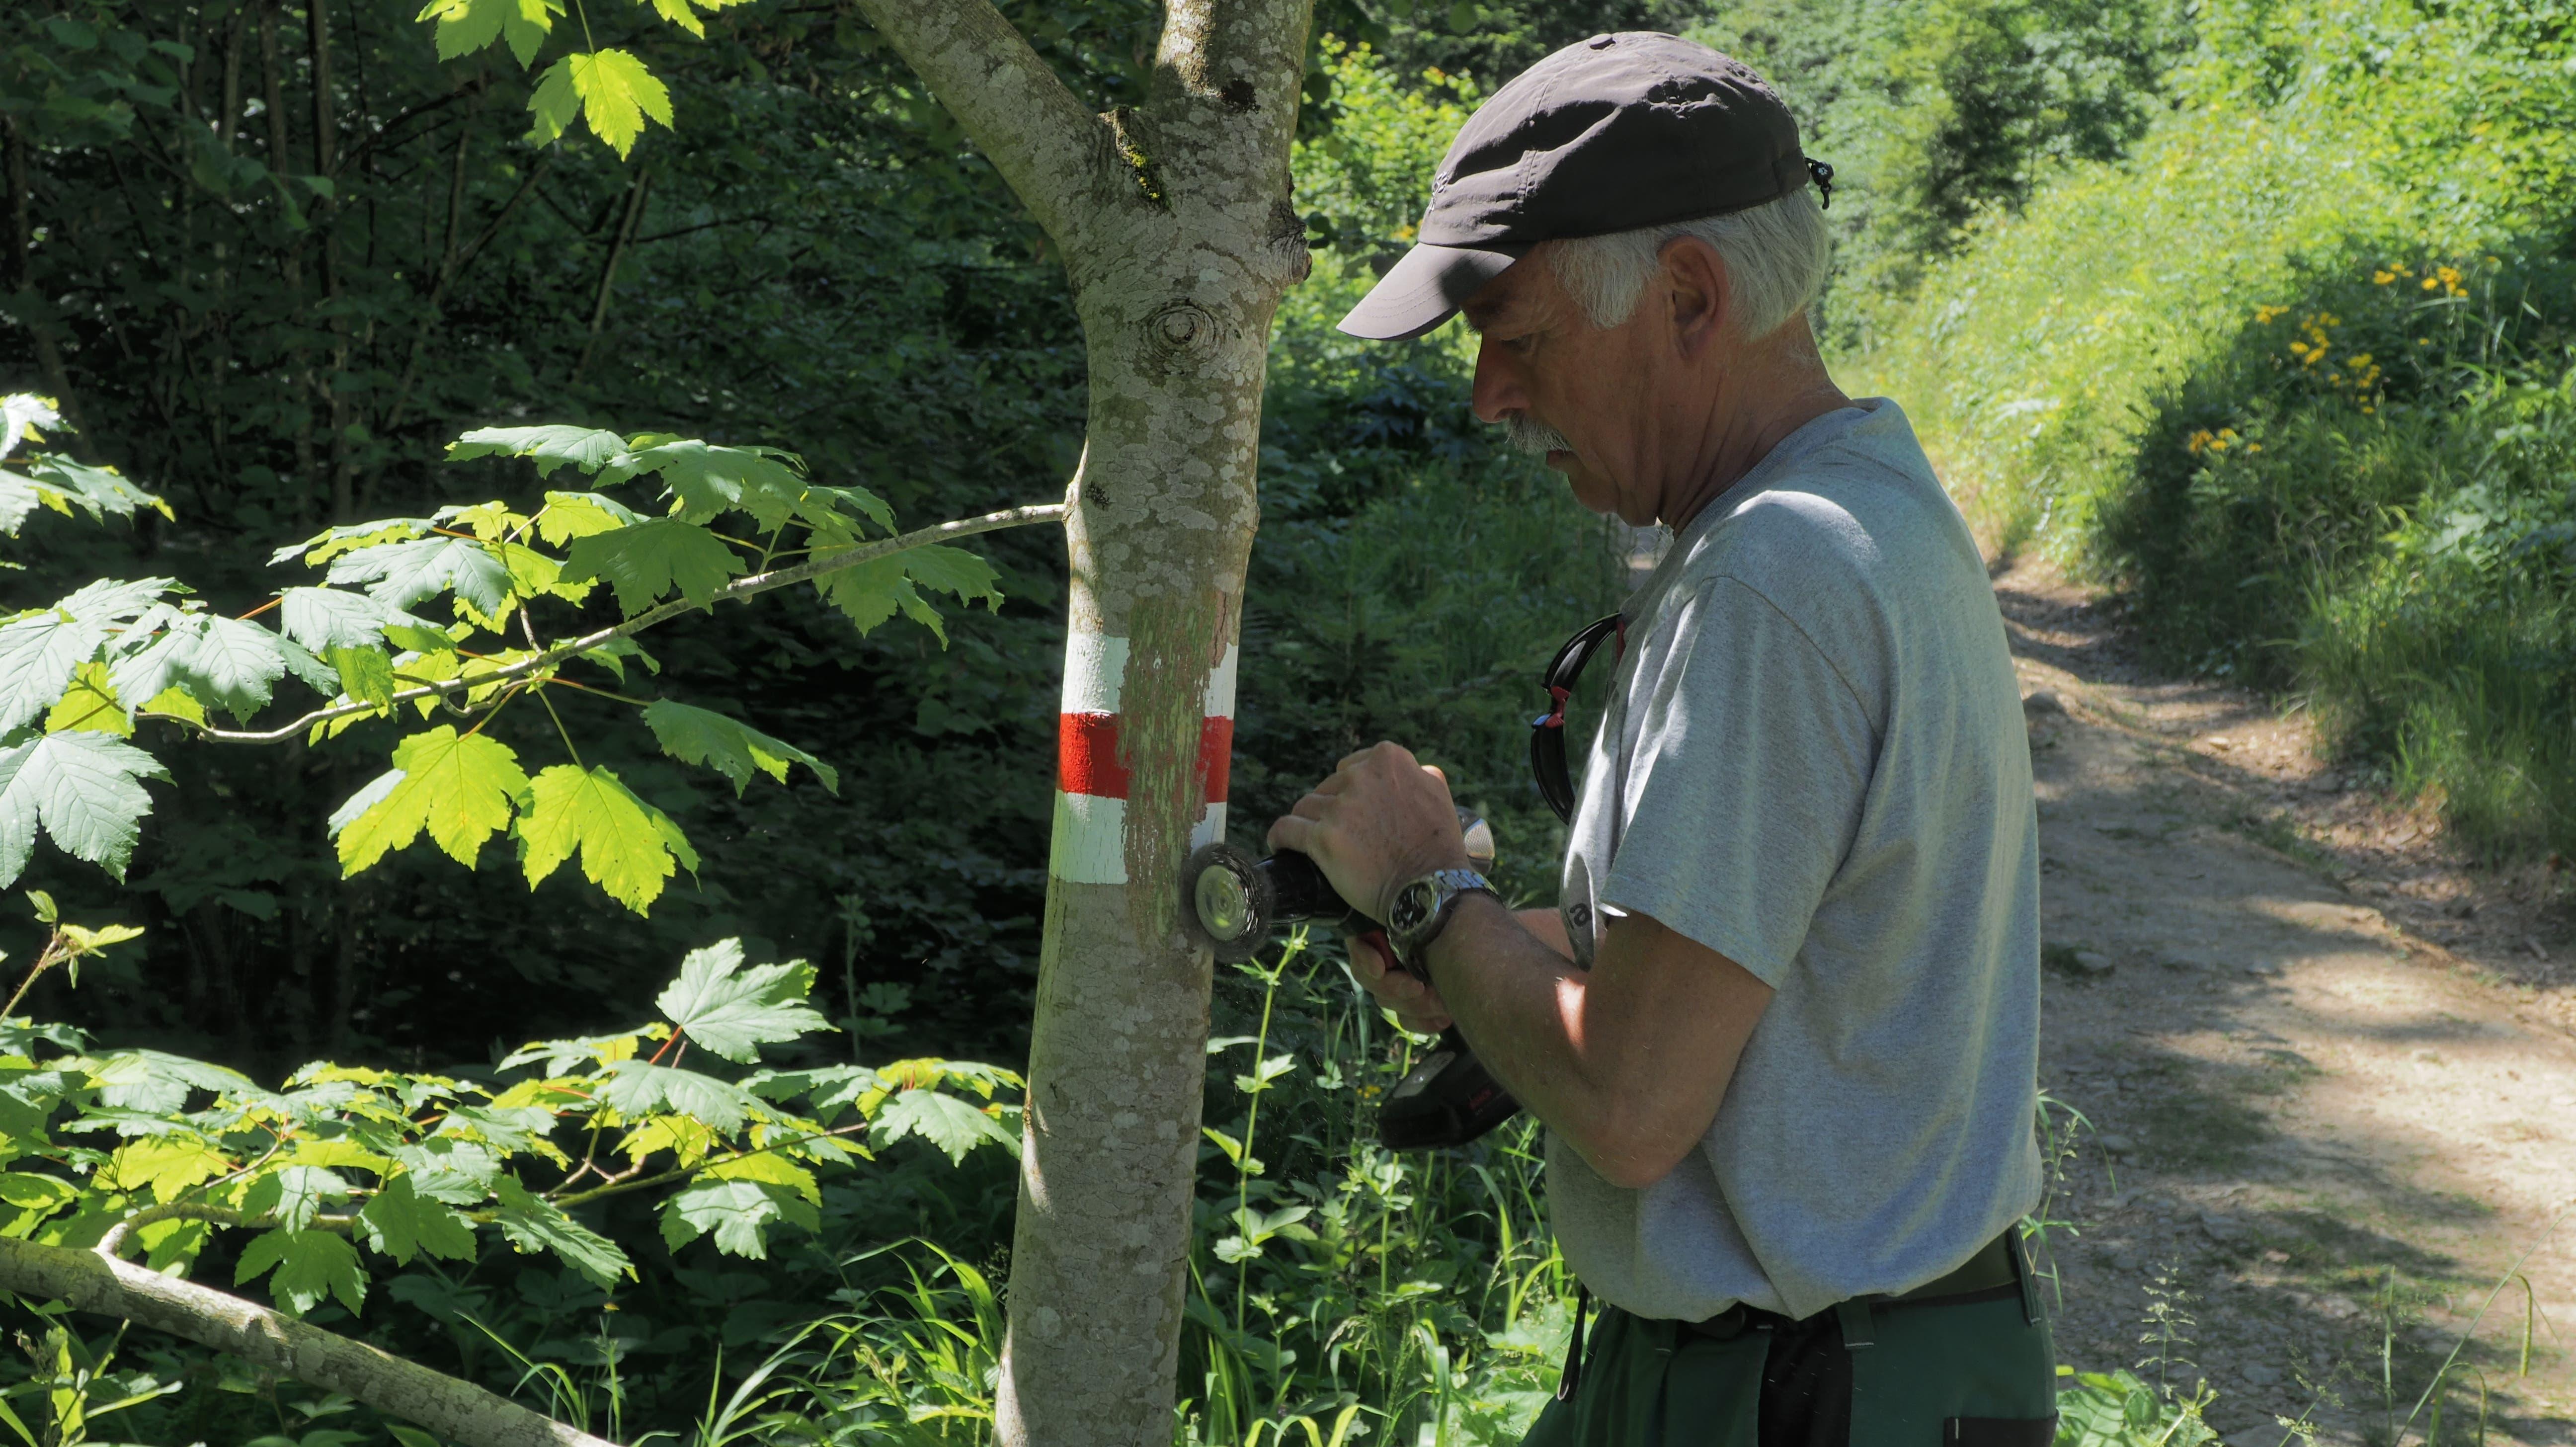 Schaub entfernt die weiss-rot-weisse Markierung an einem Baum...